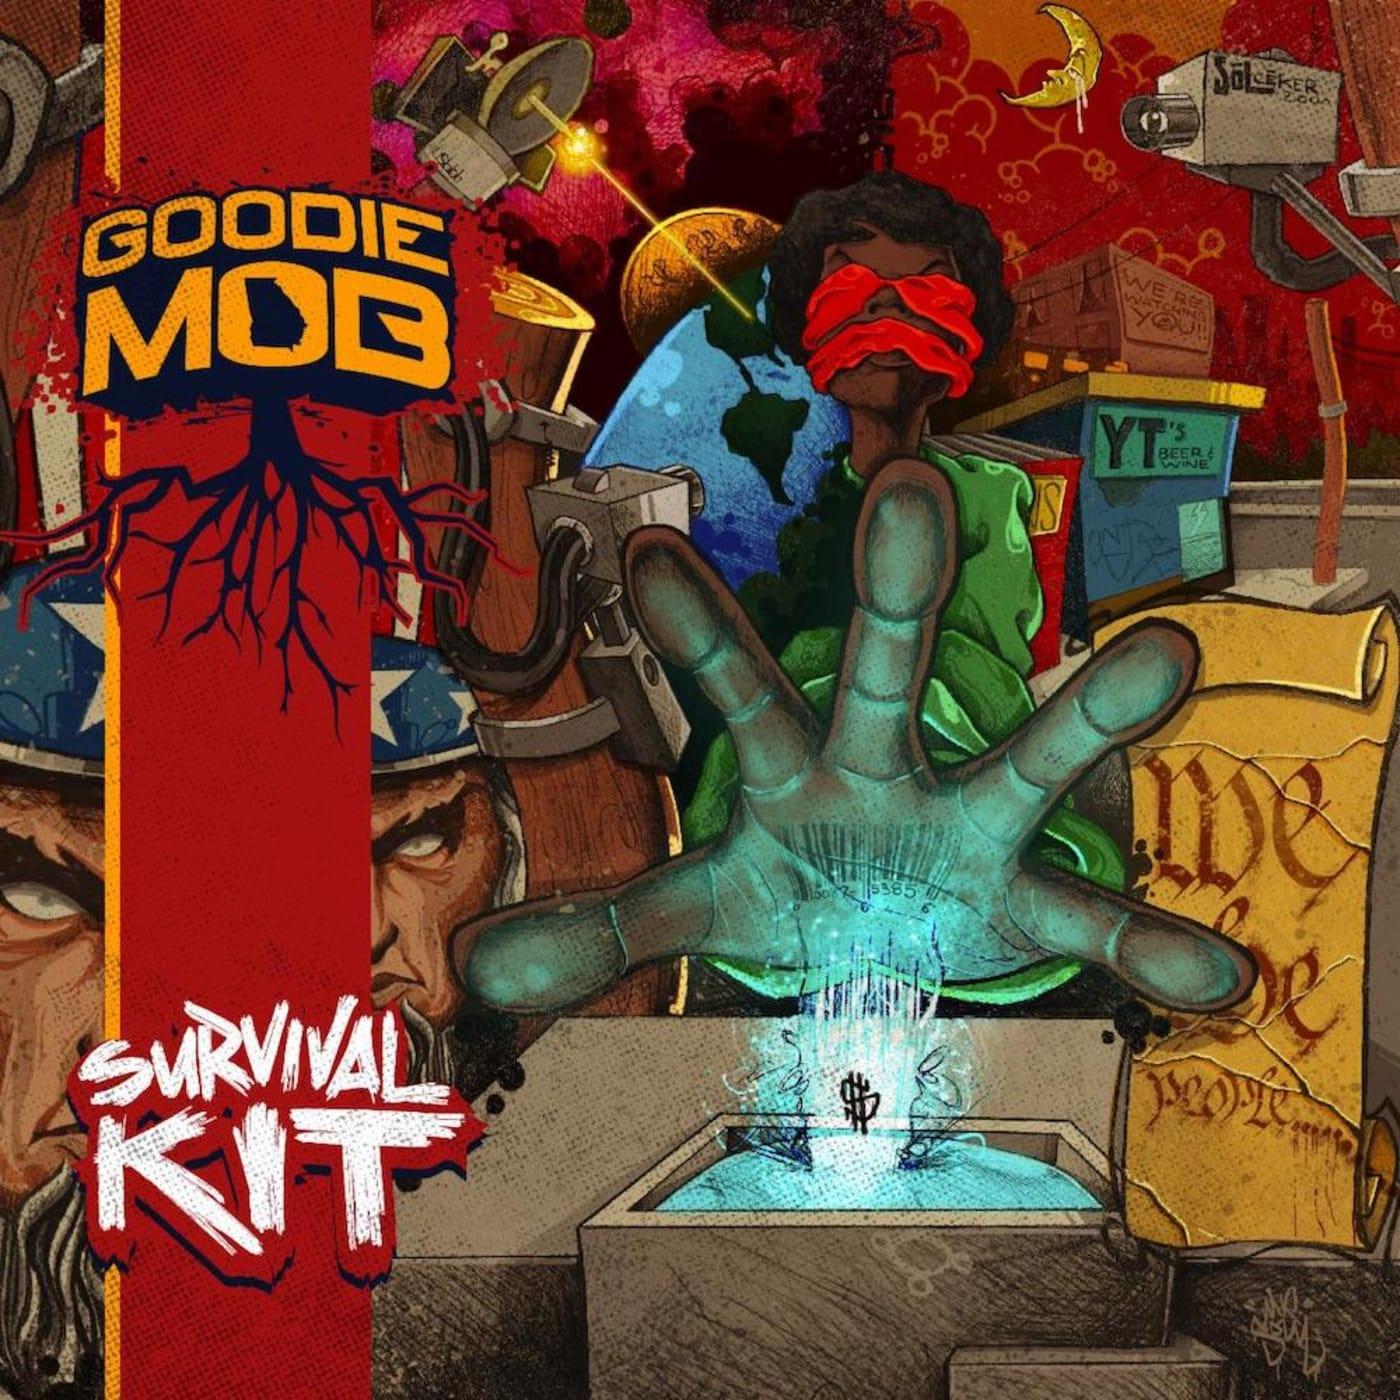 Goodie Mob 'Survival Kit'